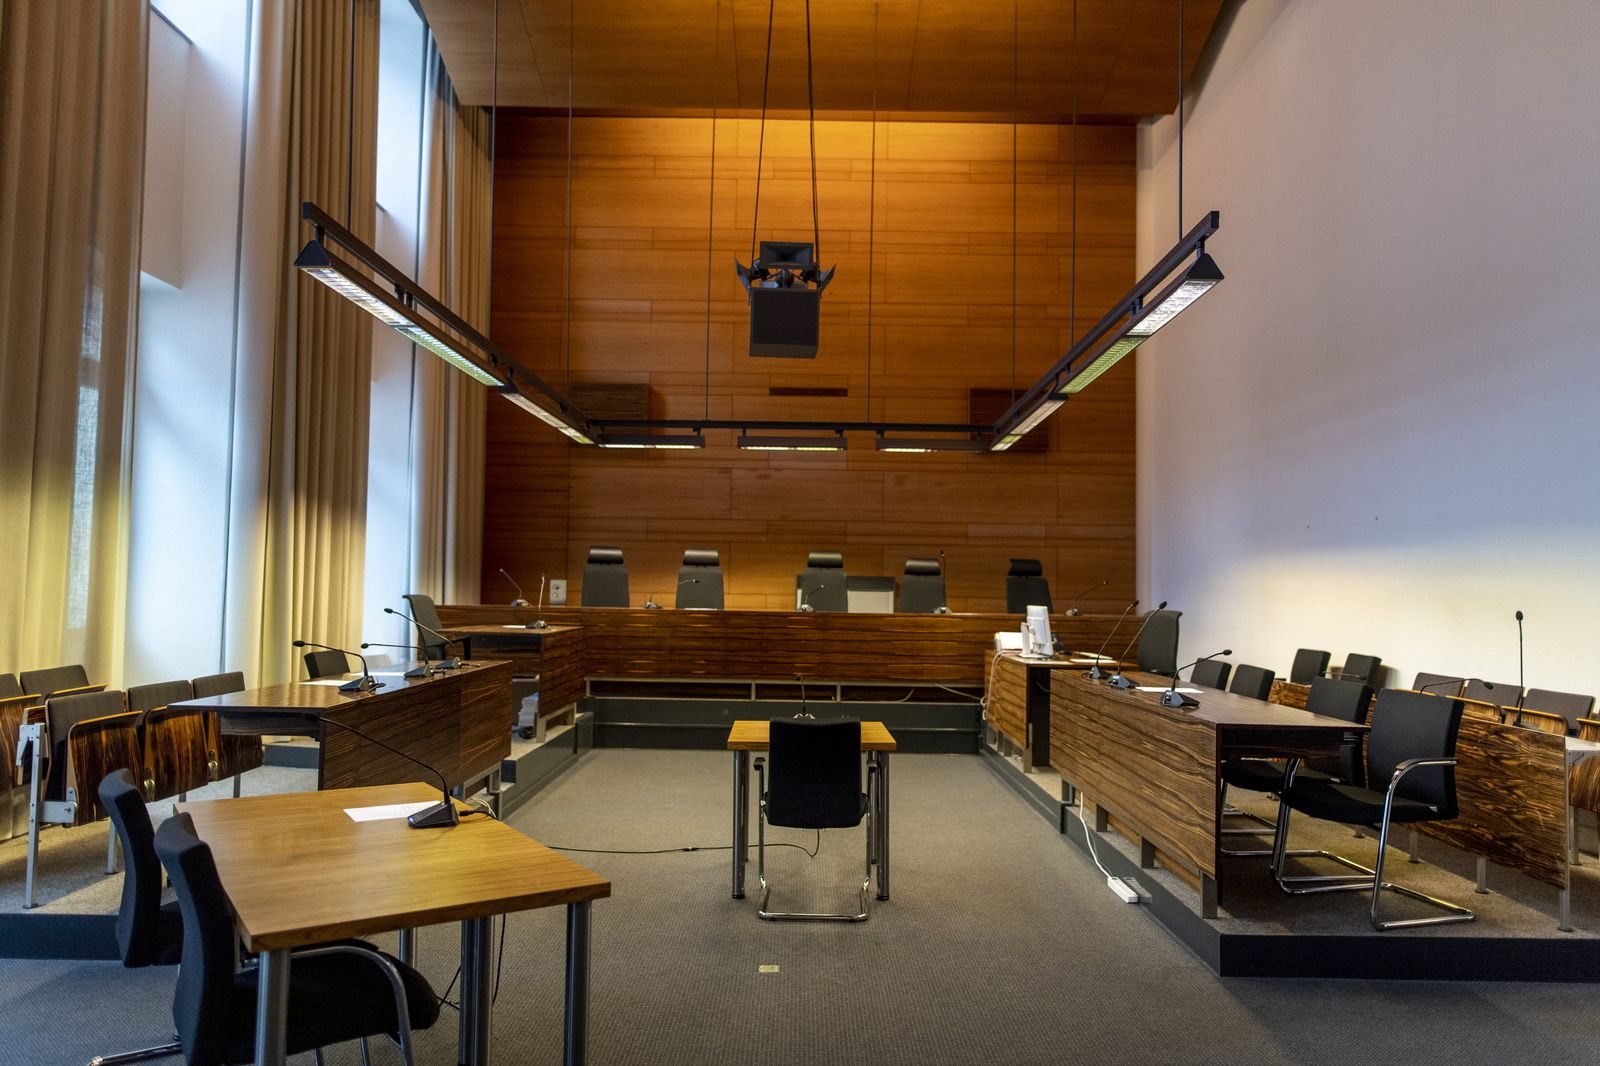 Vor dem Vergewaltigungsprozess in Freiburg